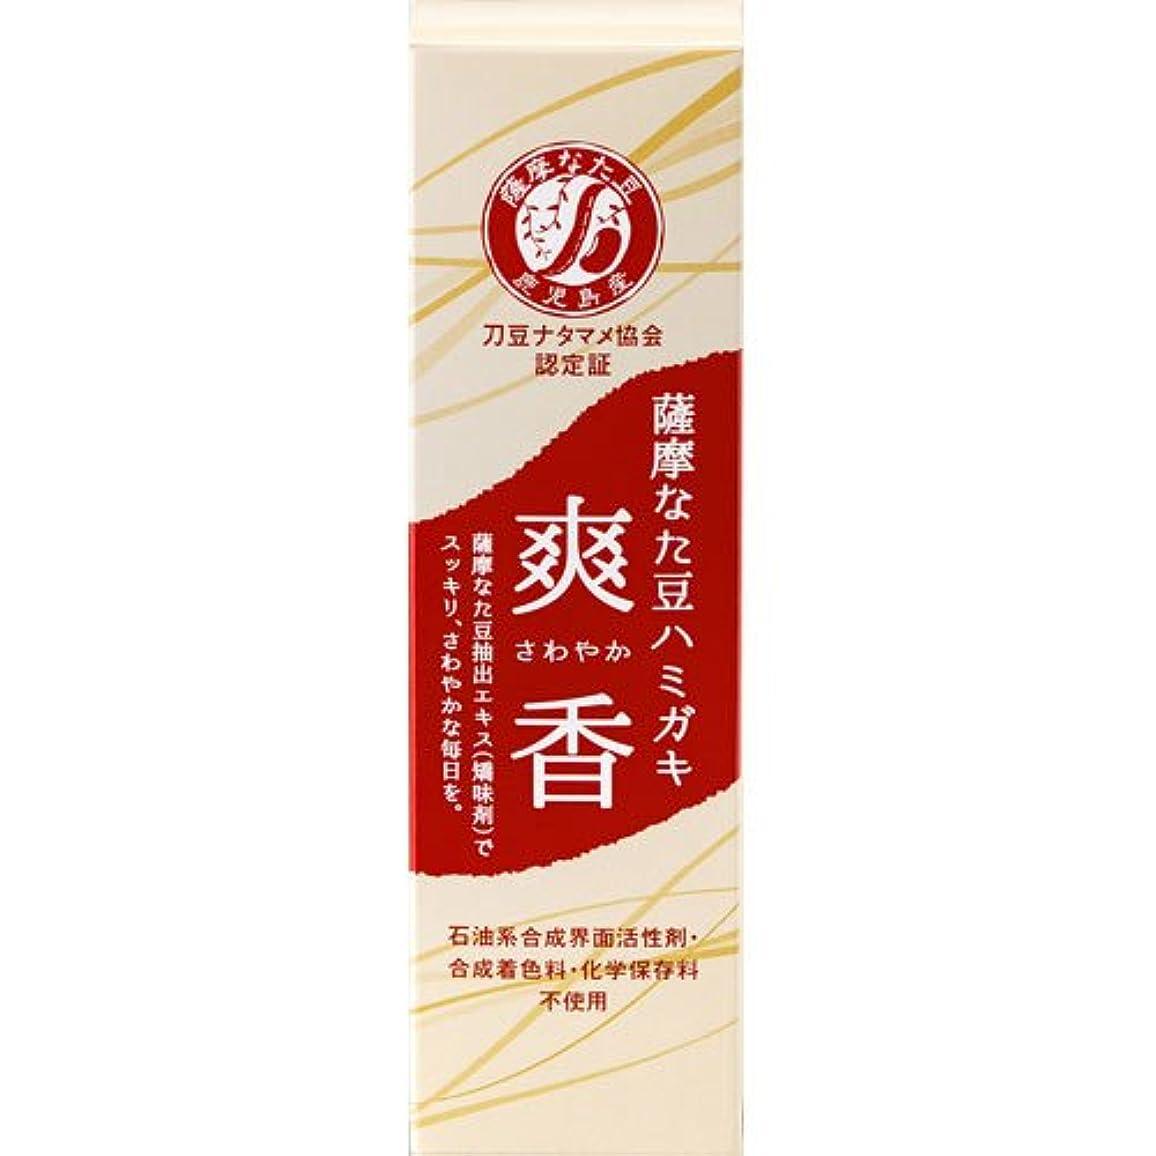 起点あさり考えた薩摩なた豆歯磨き 爽香(さわやか) 125g